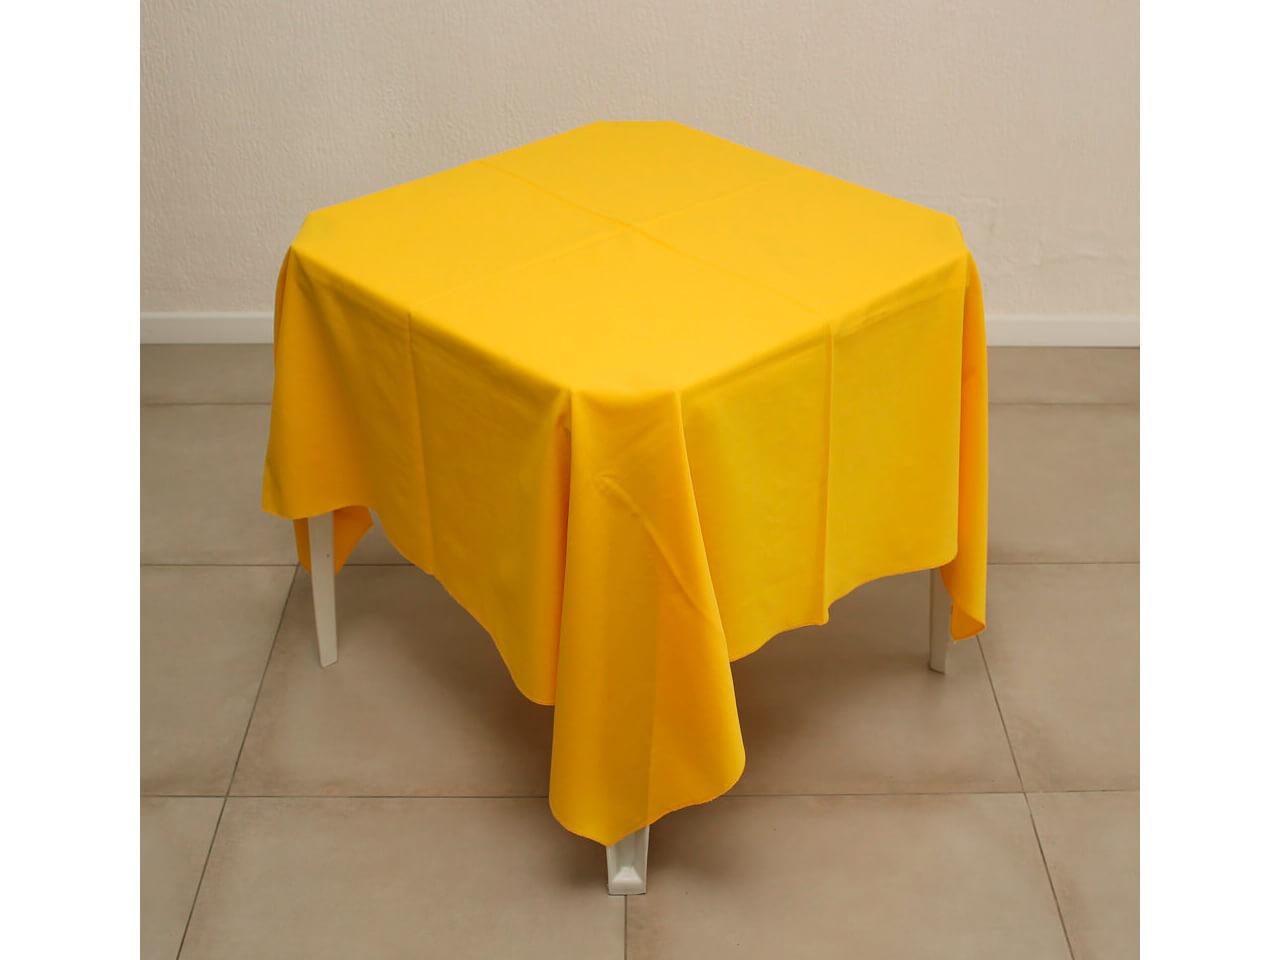 Toalha Amarela de oxford 1,5x1,5